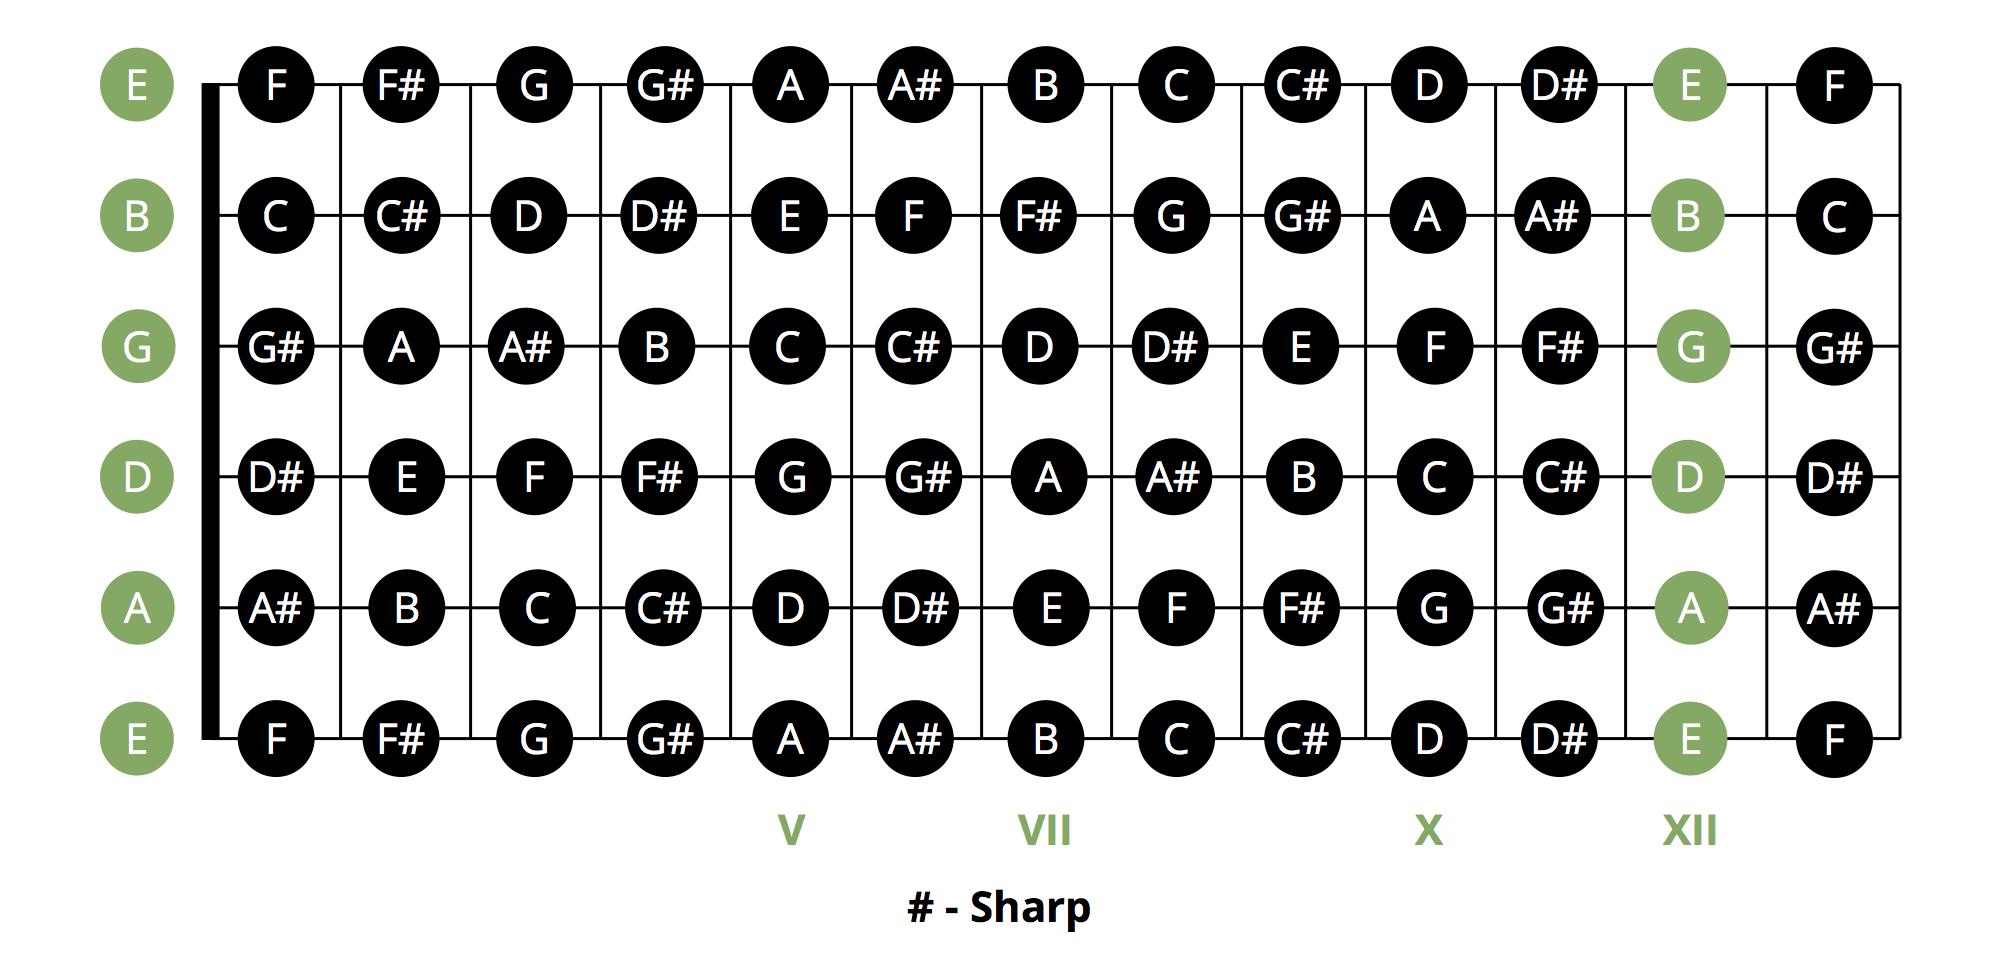 Guitar Chords Chart Most Popular Beginner Guitar Chords Chart Musician Tuts